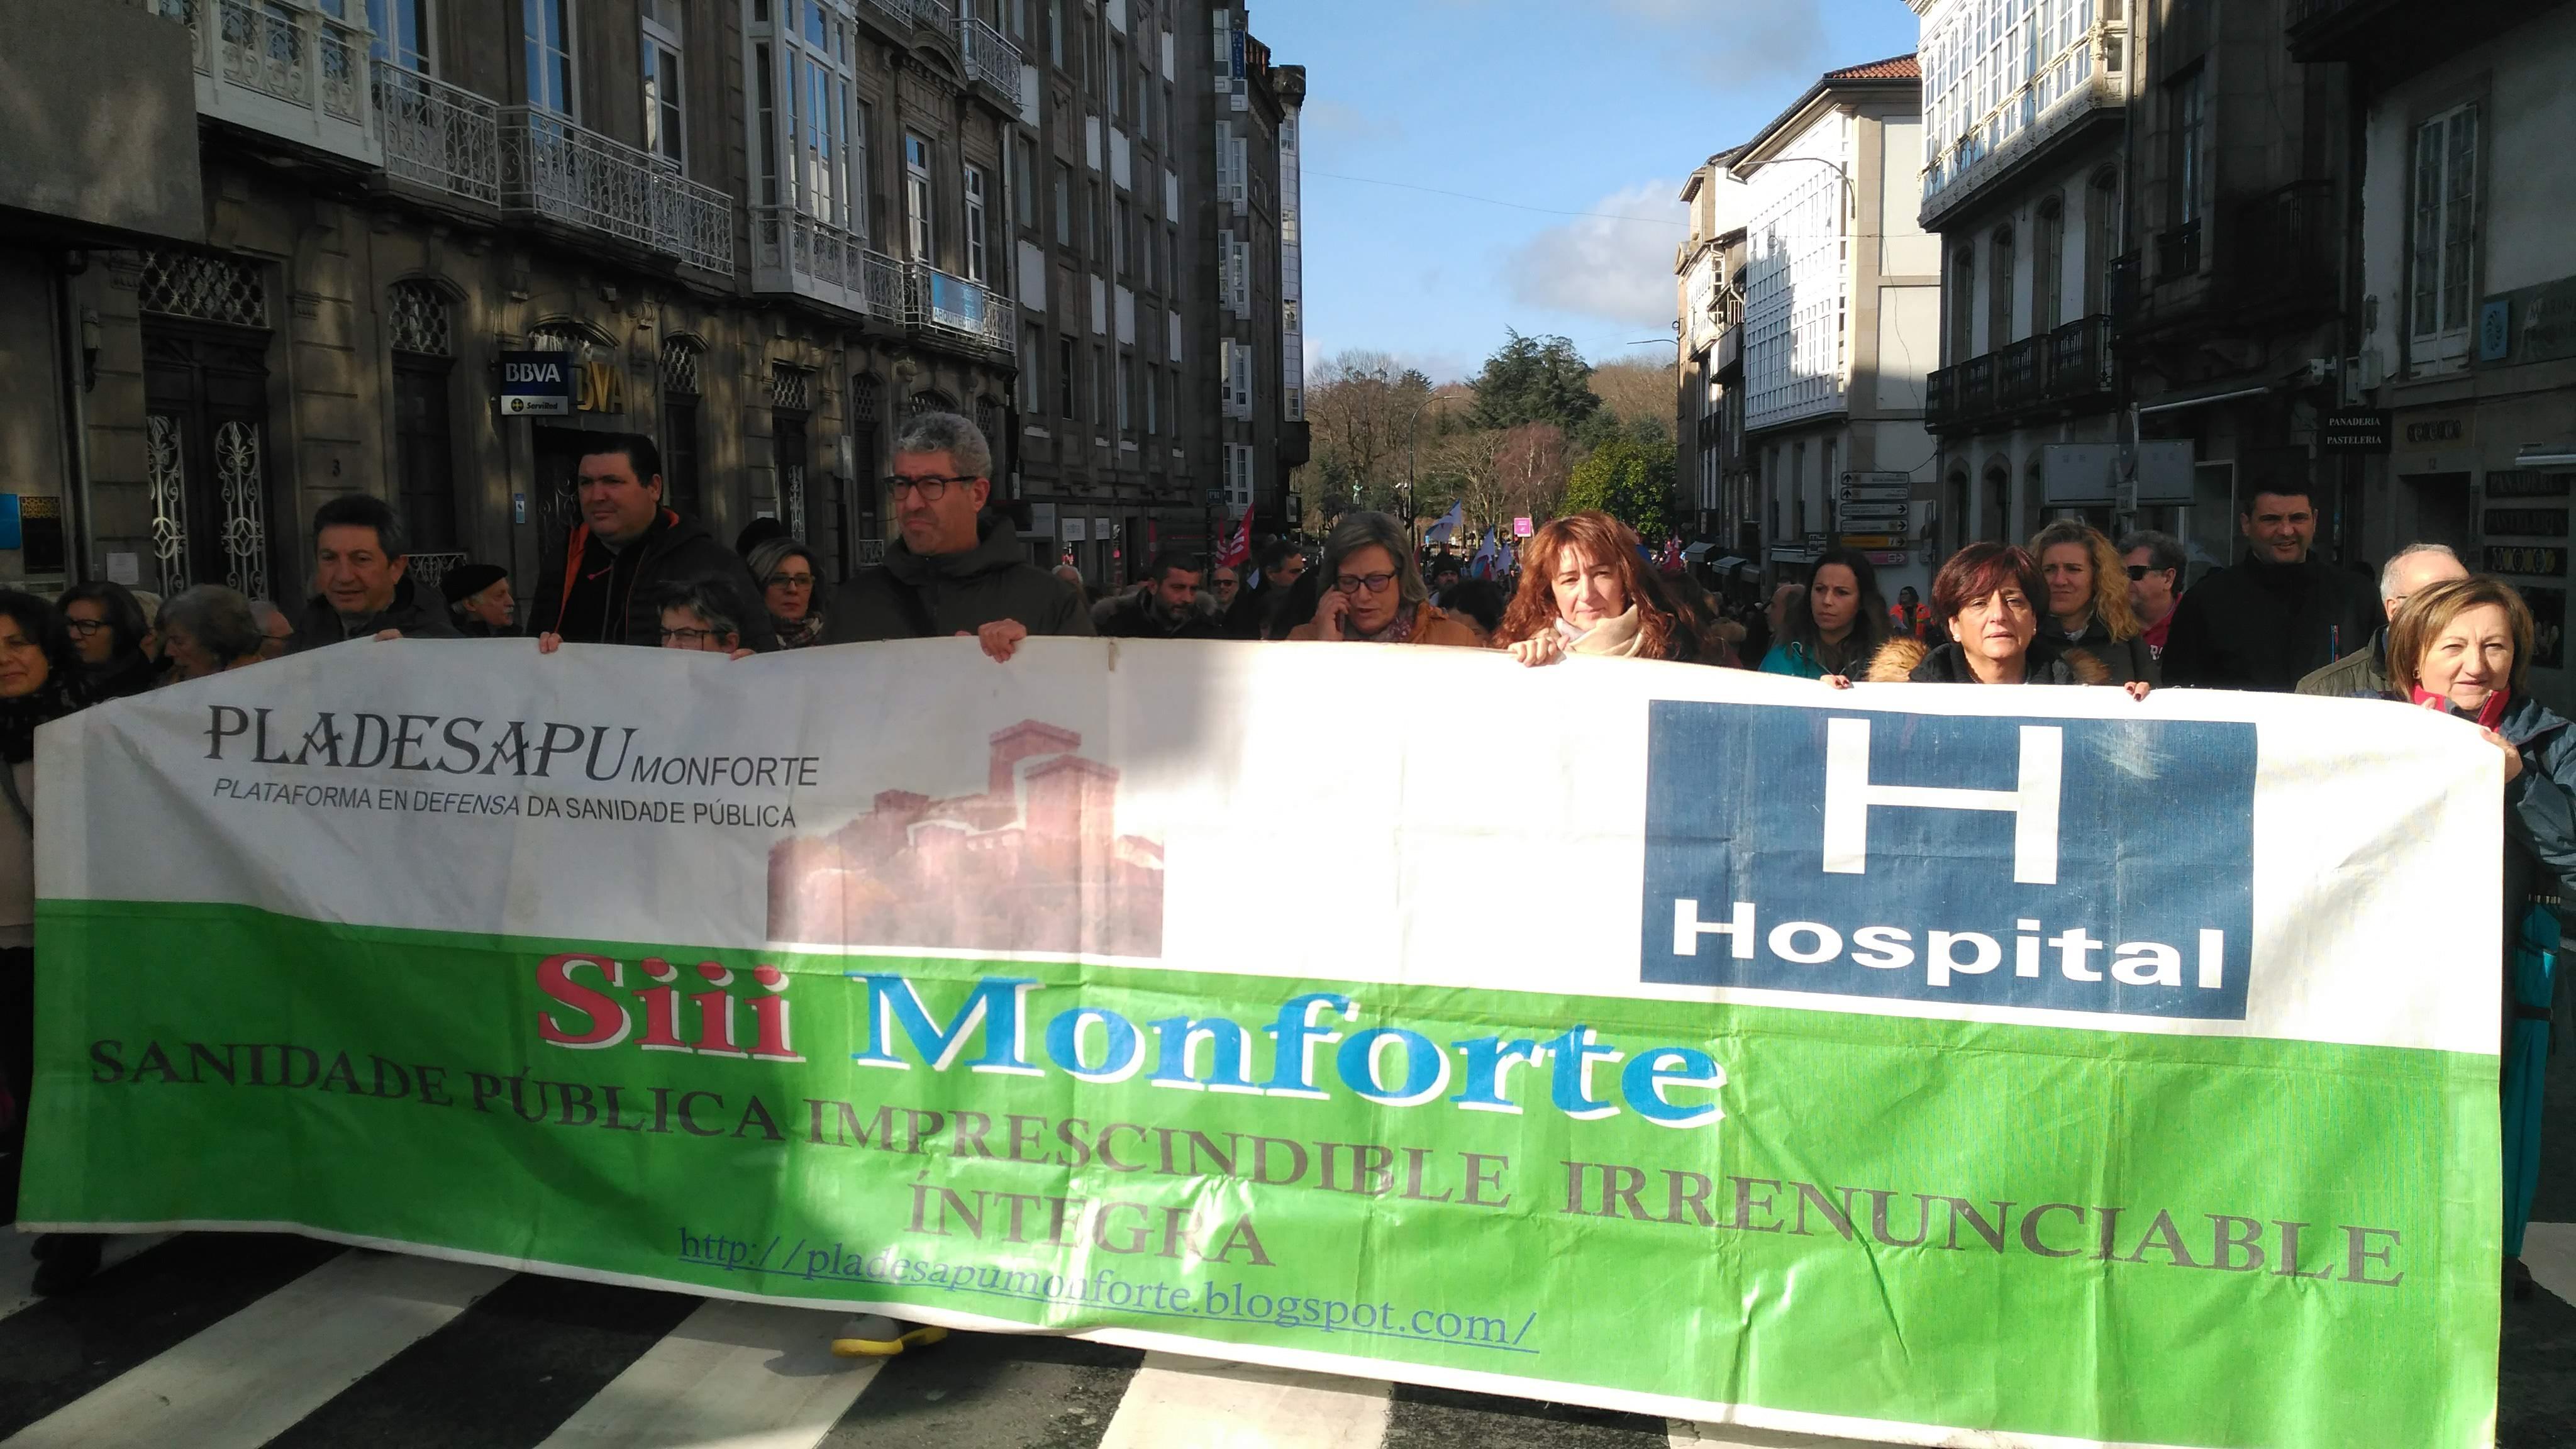 Comitiva chegada dende Monforte á manifestación a prol da sanidade pública